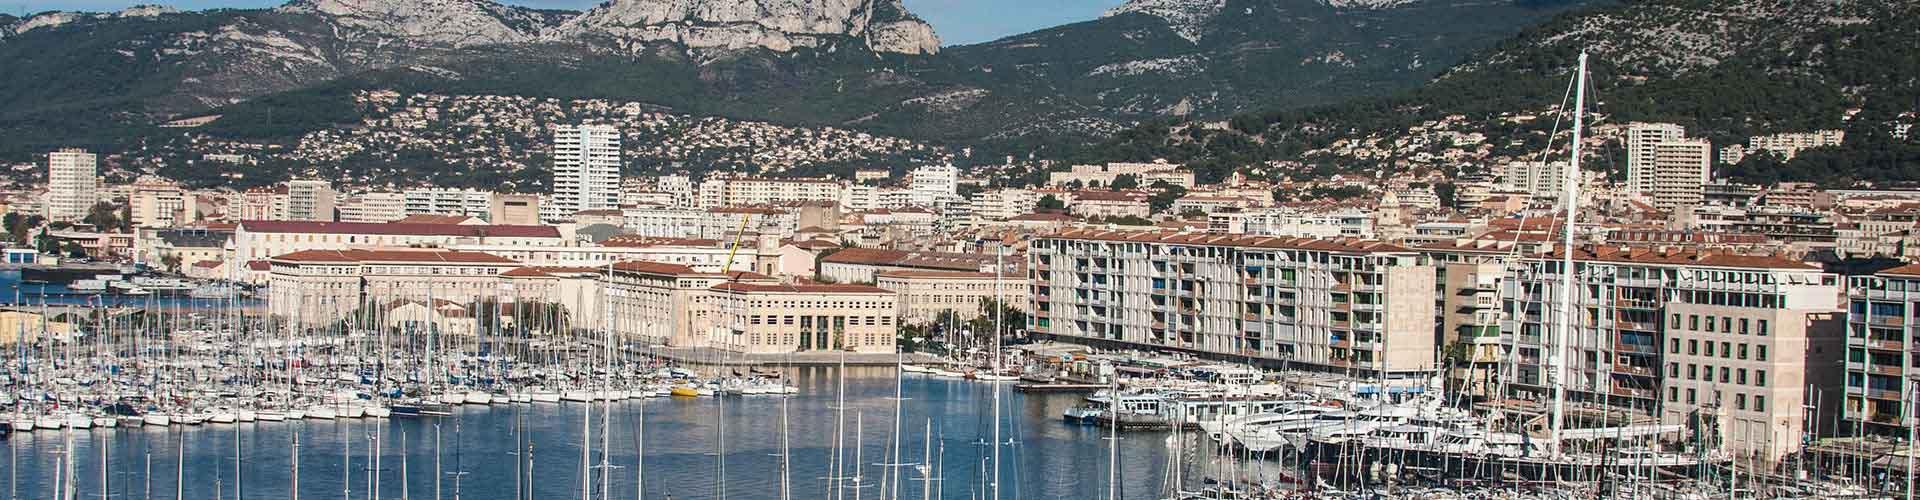 Toulon - Chambres à Toulon. Cartes pour Toulon, photos et commentaires pour chaque chambre à Toulon.